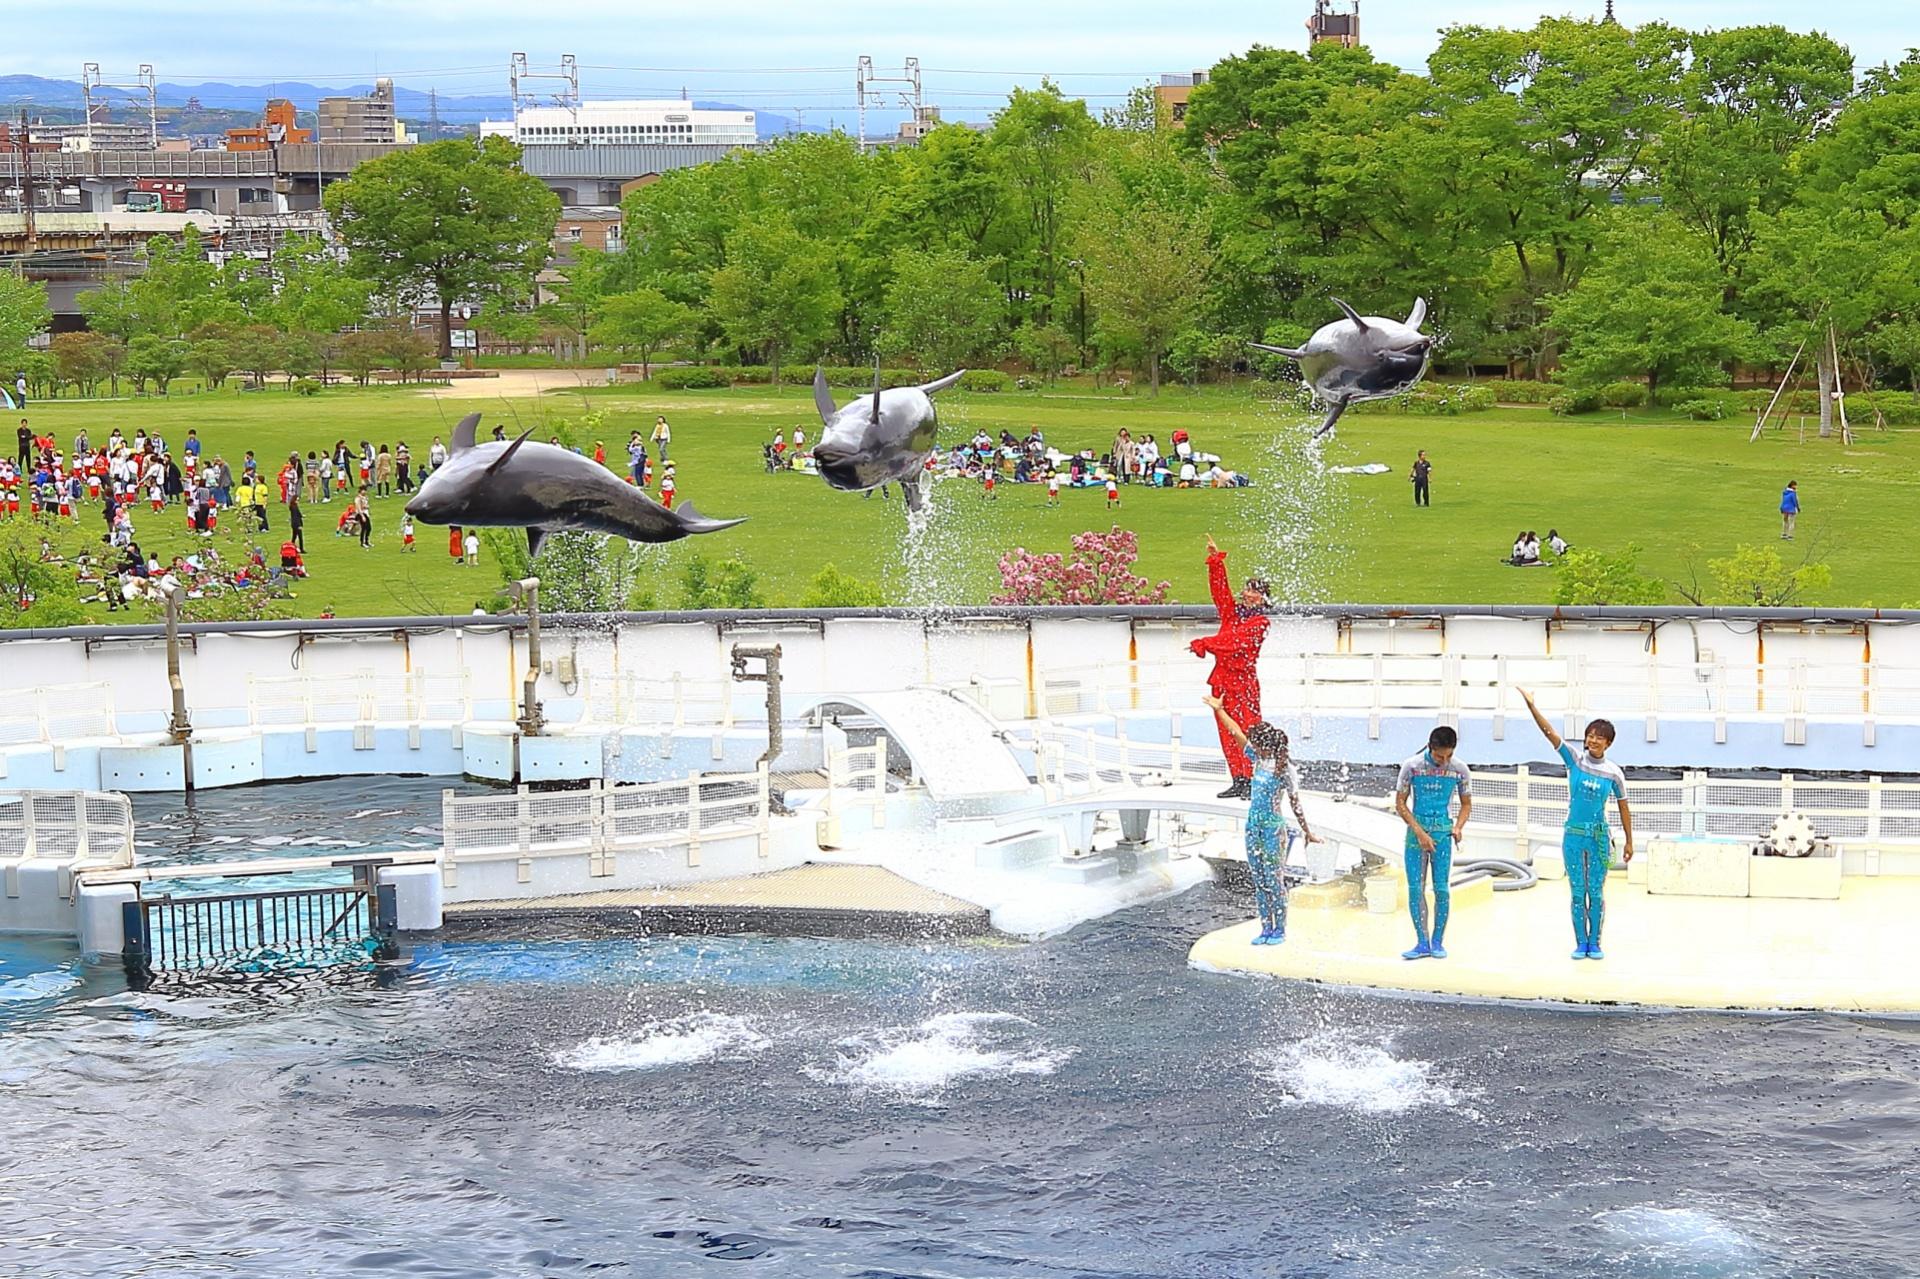 梅小路京都西駅からすぐ!京都水族館のイルカパフォーマンス